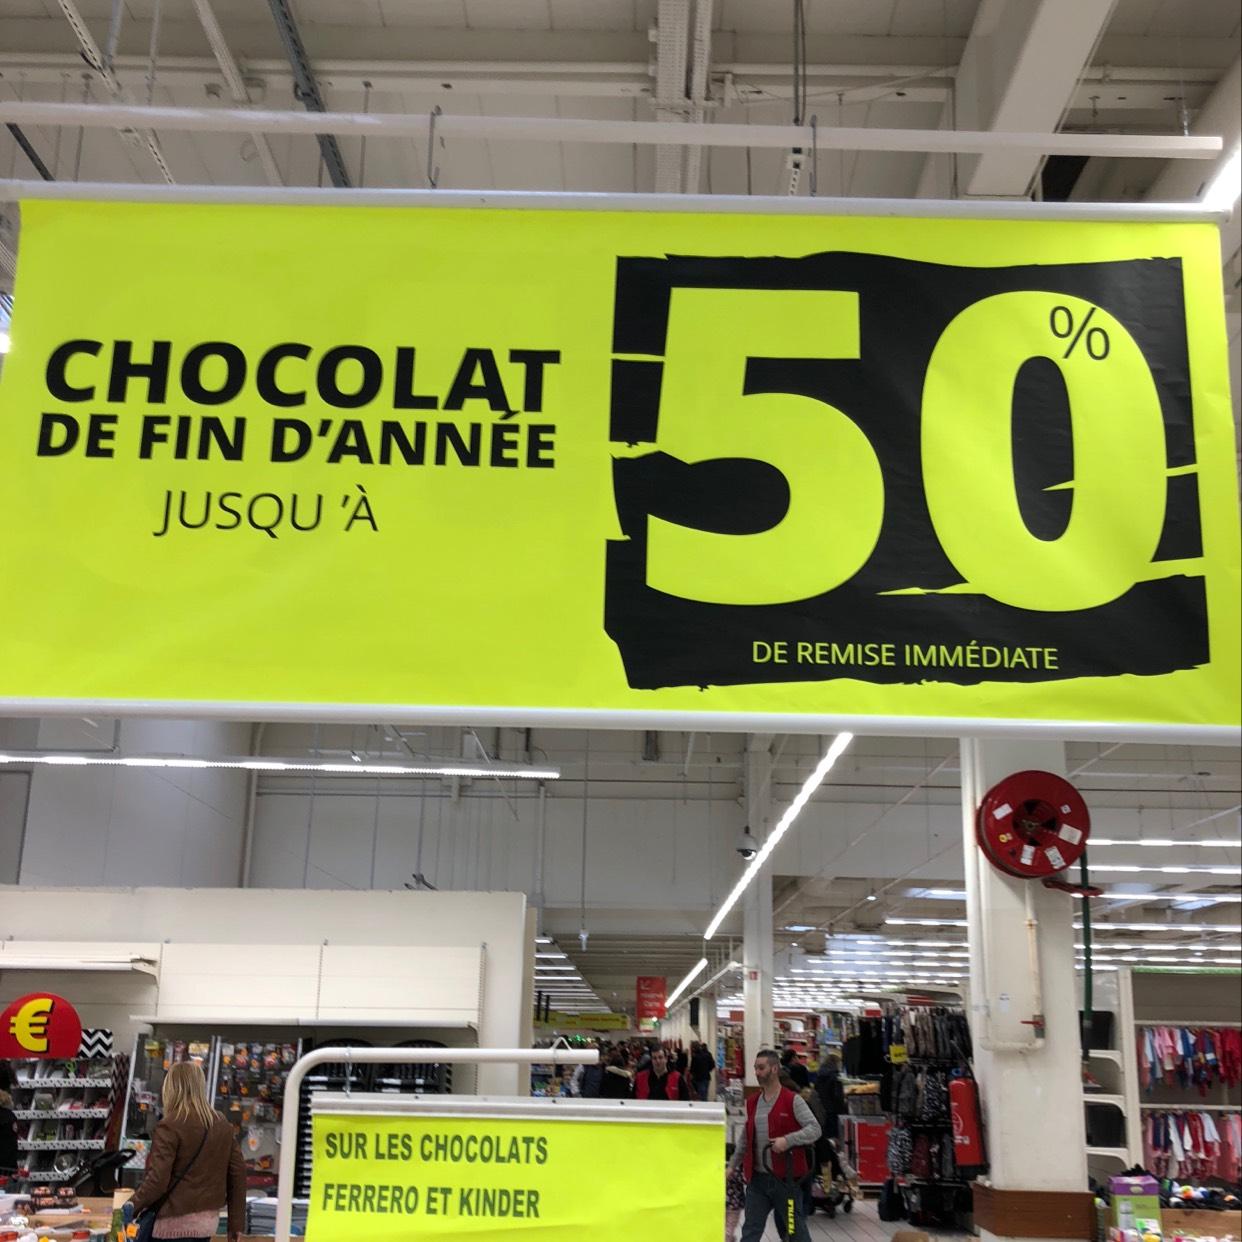 50% de réduction sur une sélection de chocolats - Brétigny-sur-Orge (91)